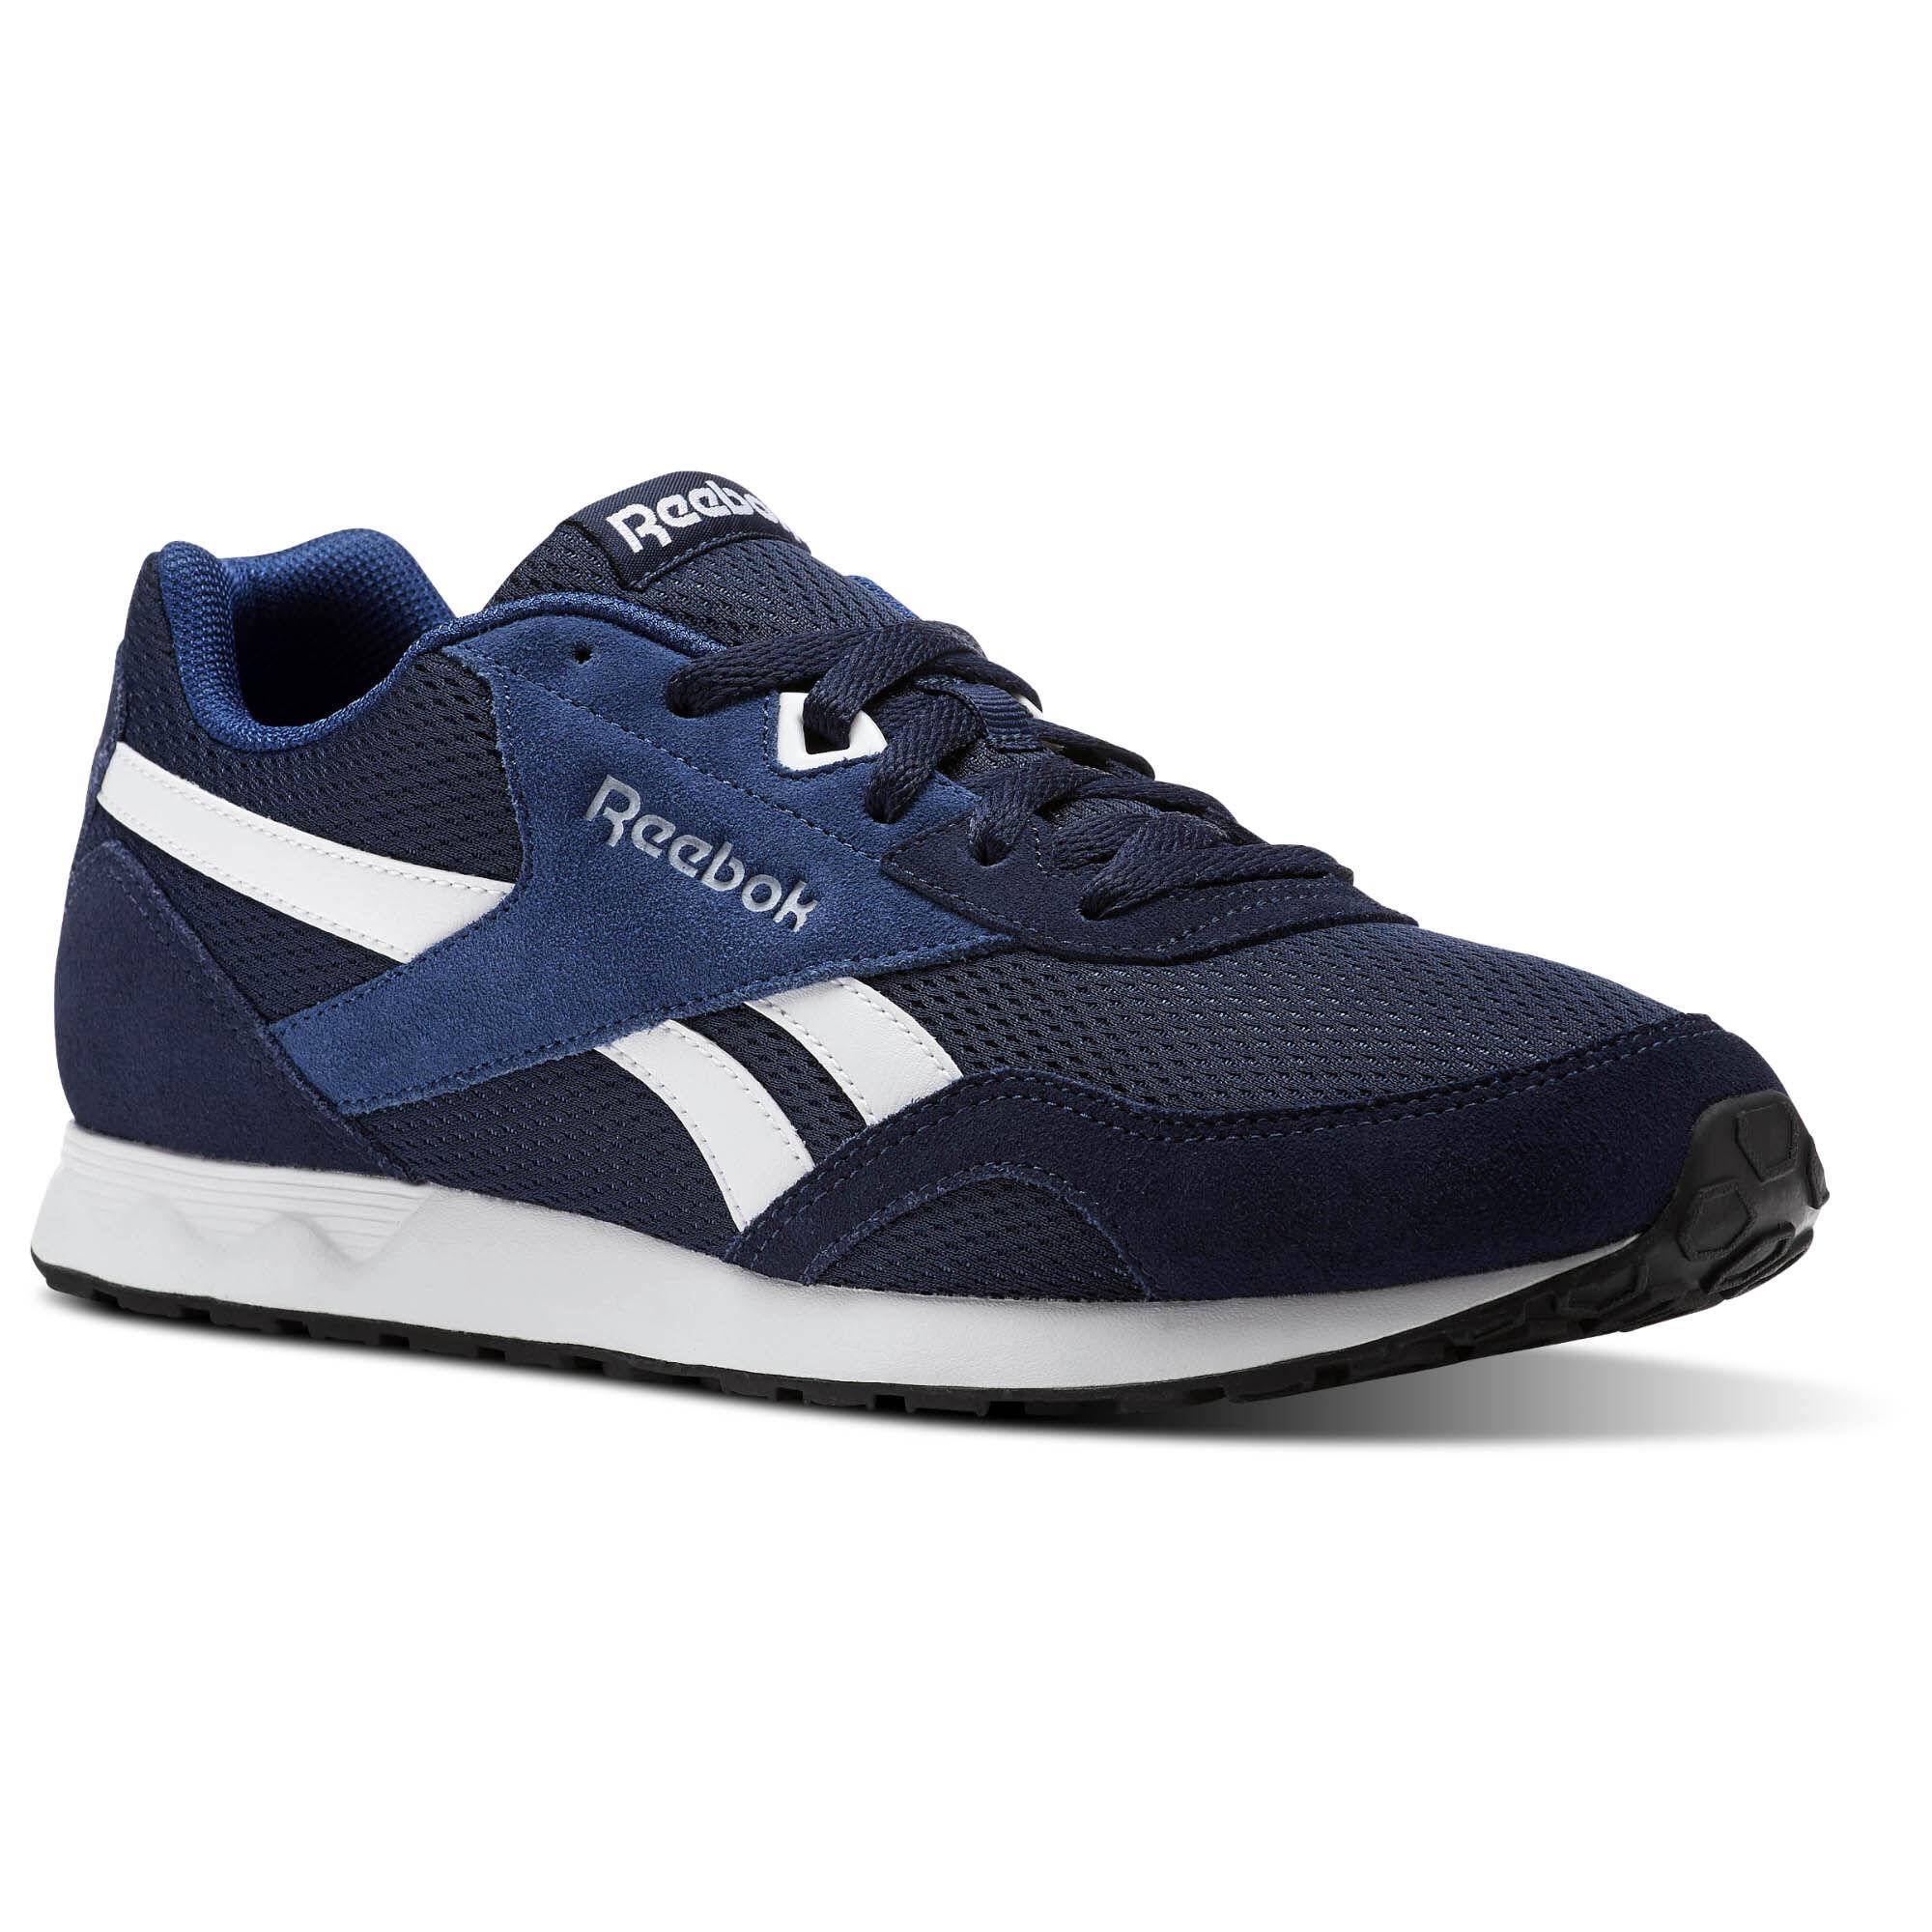 Reebok Royal Connect sneakers pFkzY